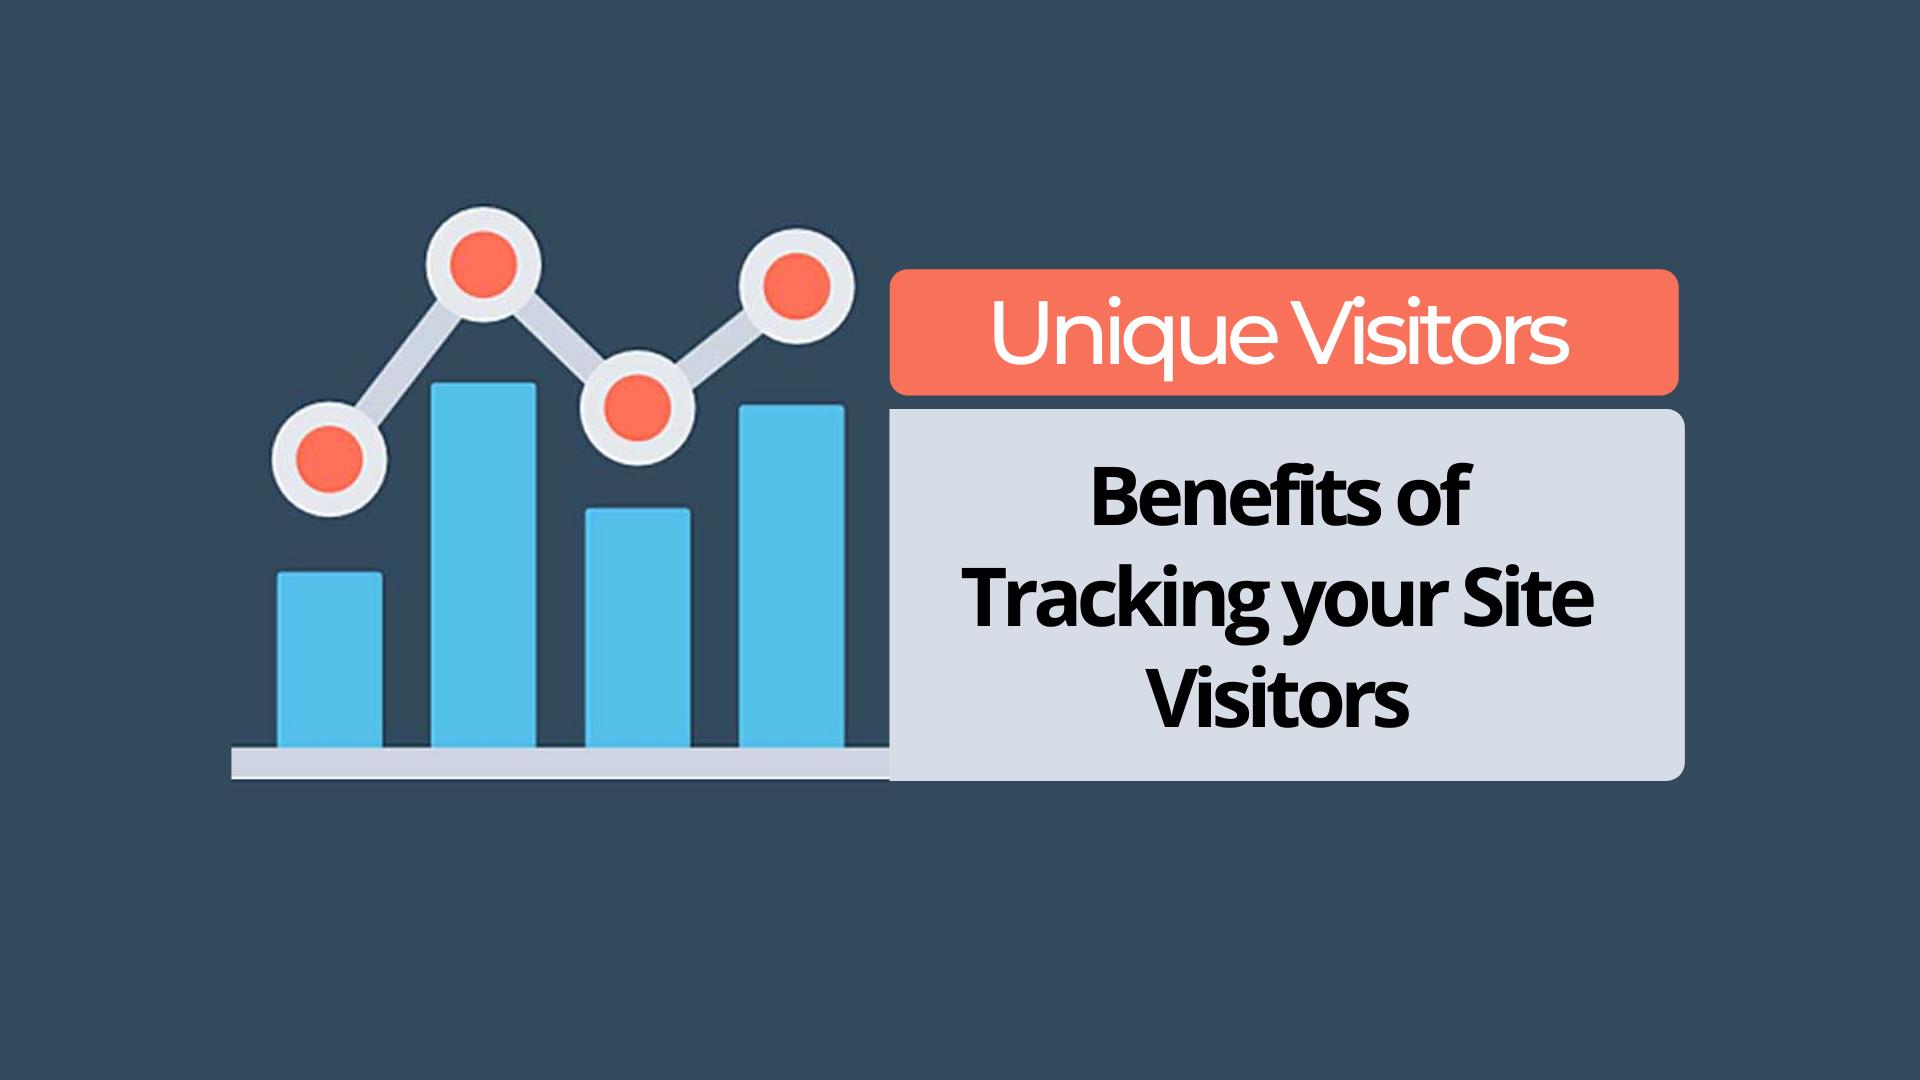 Why do Unique Visitors matter?